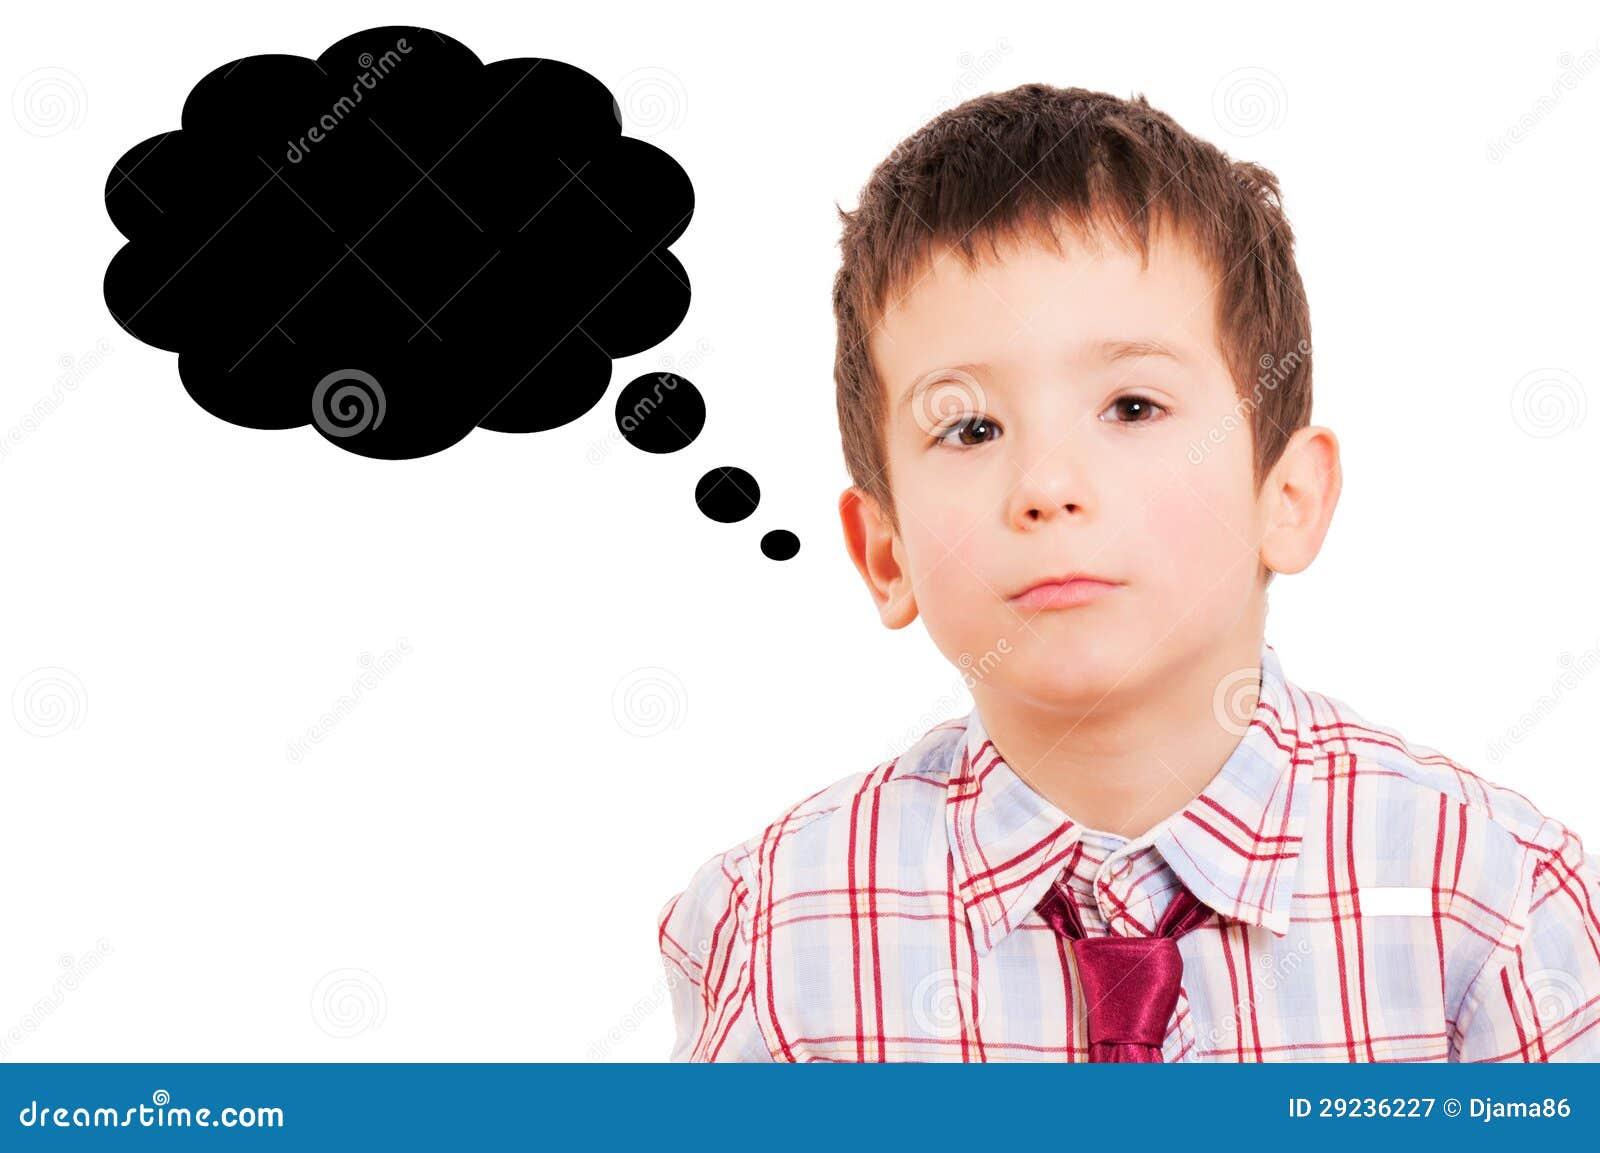 Download Rapaz pequeno ilustração stock. Ilustração de miúdo, facial - 29236227